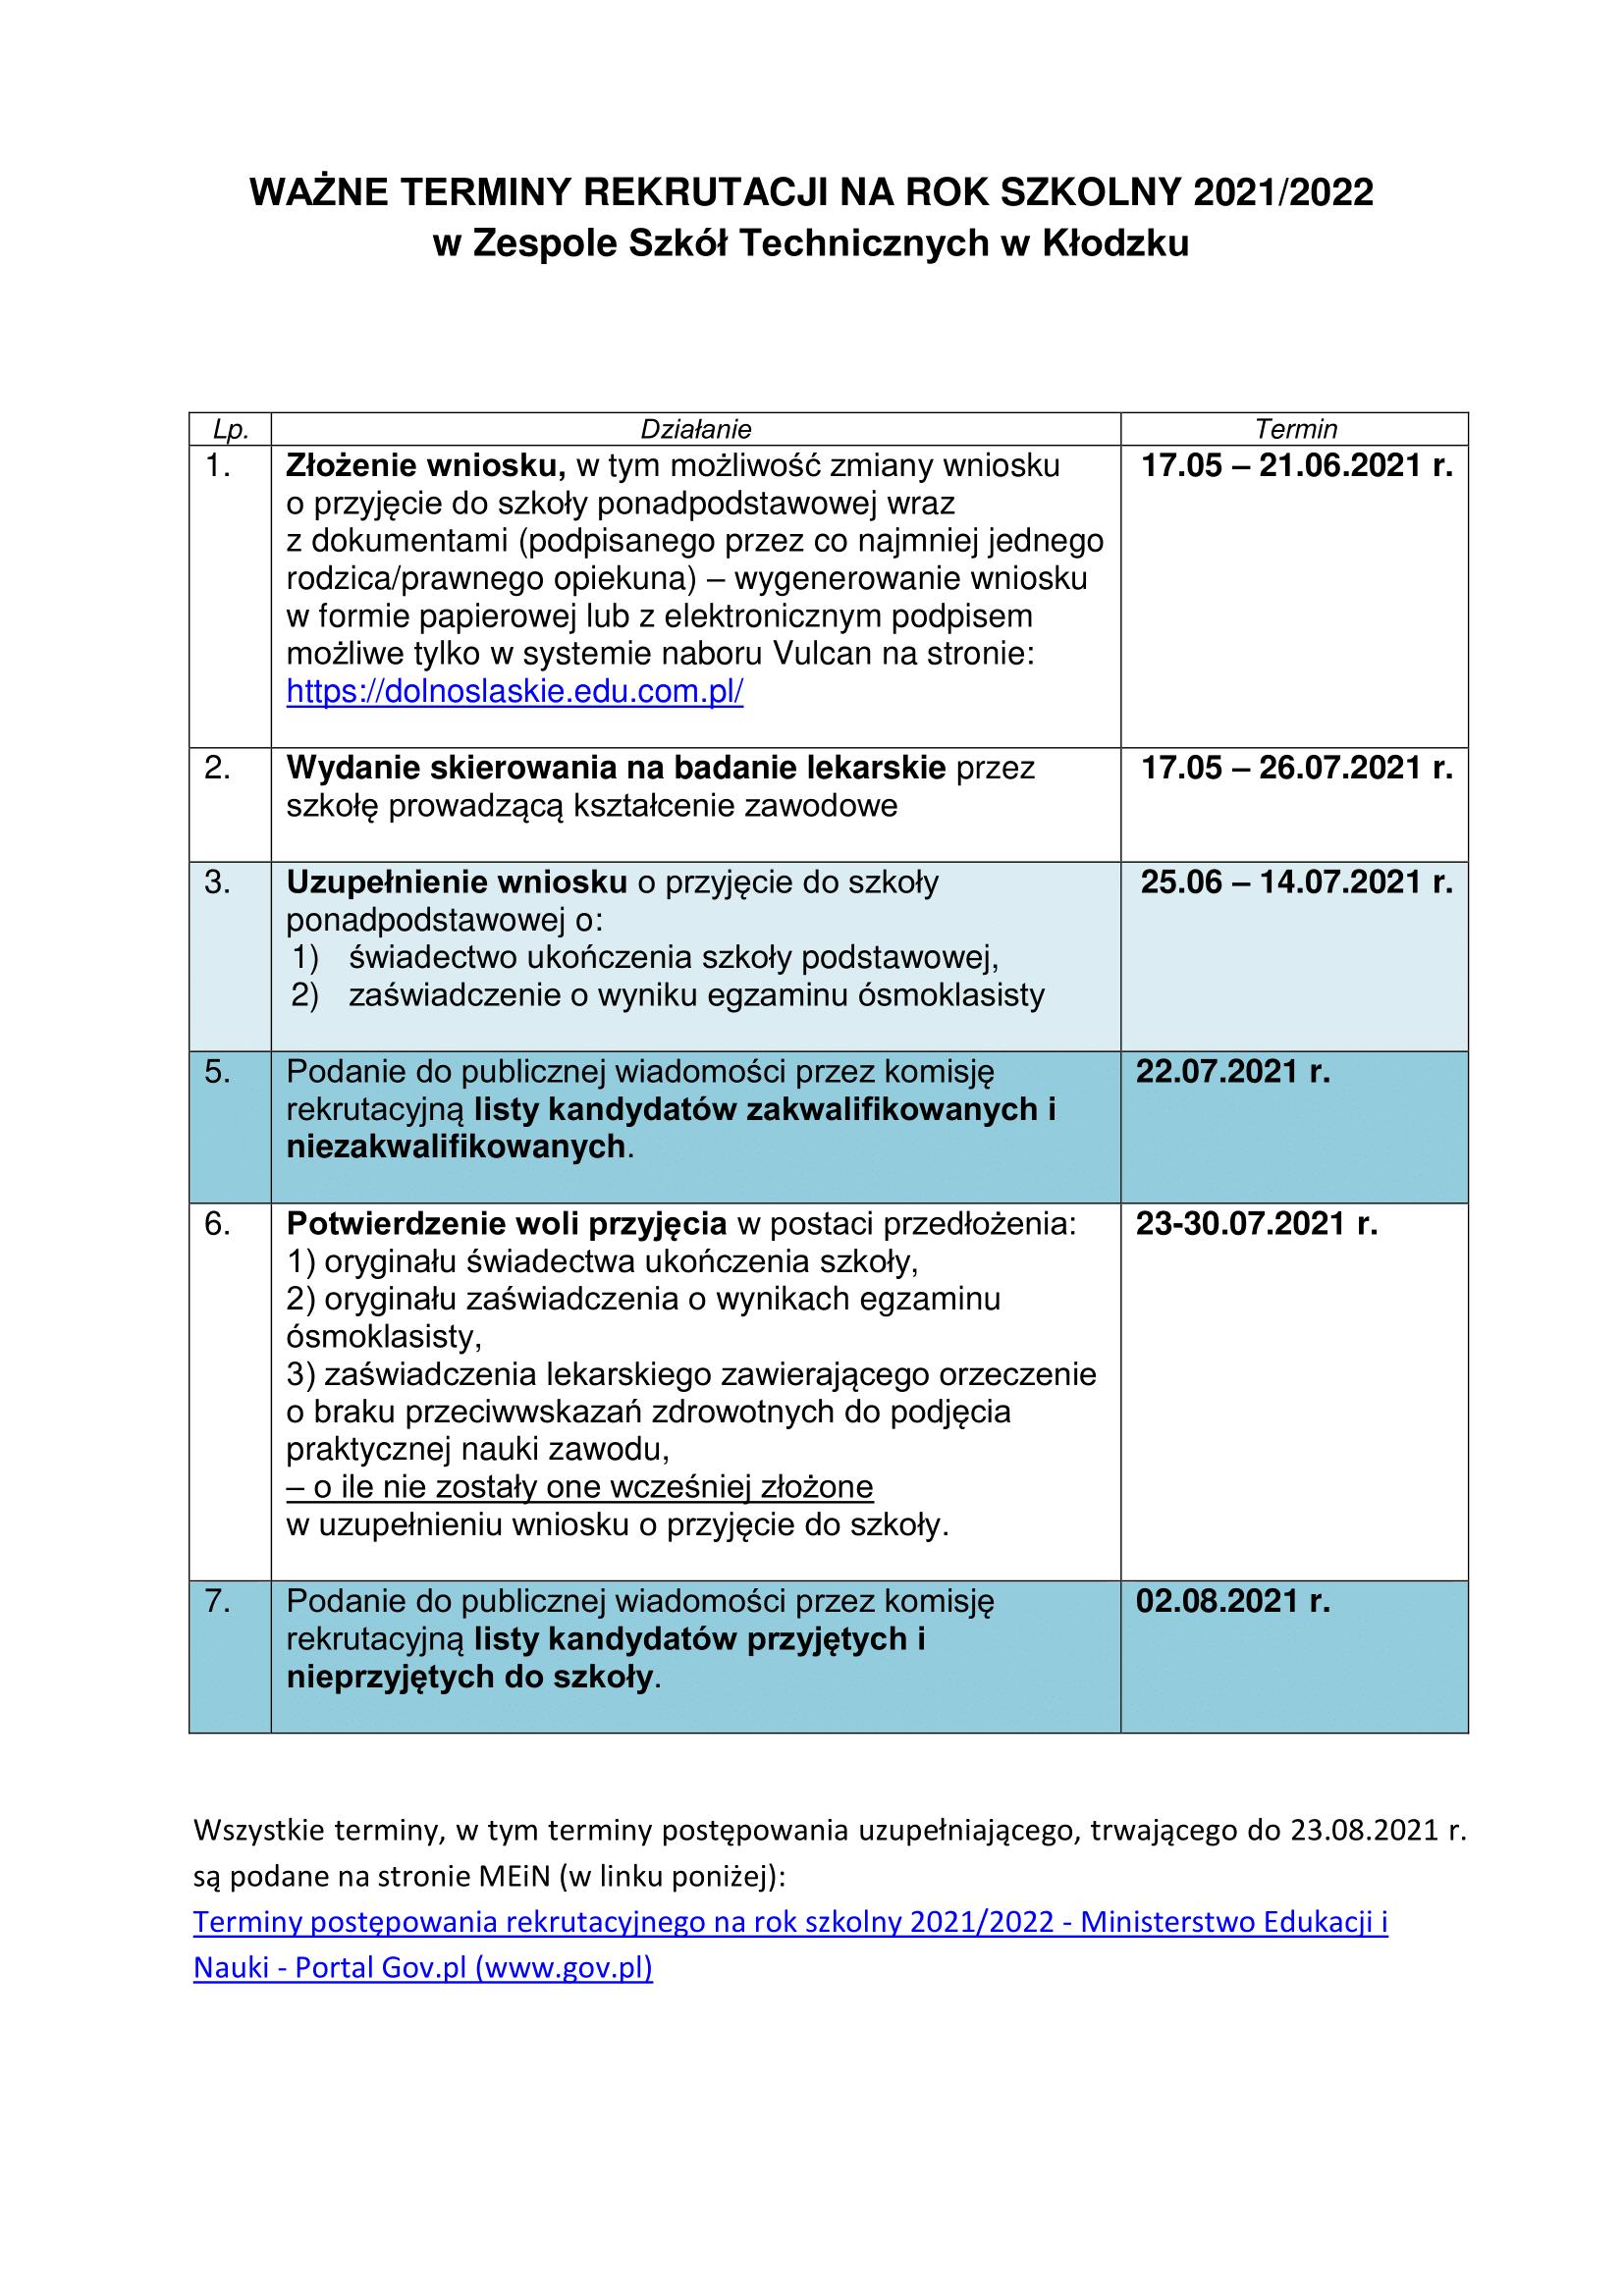 terminy rekrutacji 2021/2022